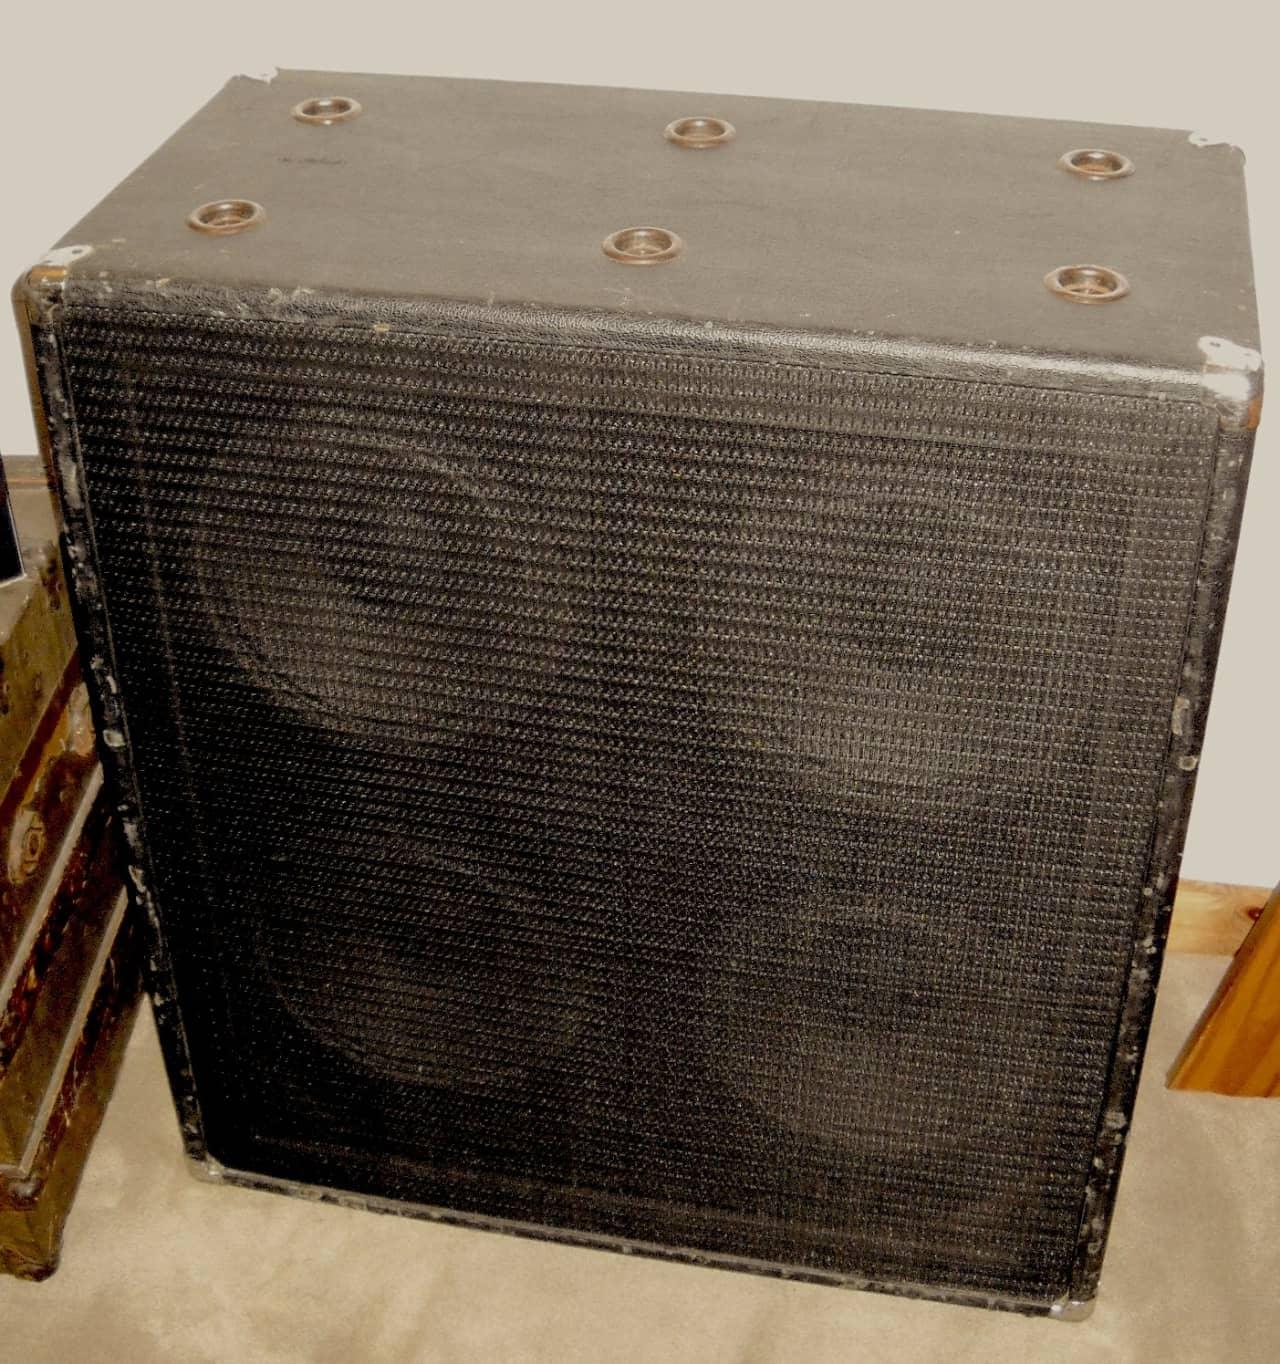 4x10 Guitar Cabinet Ampeg B40 V4 Vintage 4x10 Bass Guitar Cabinet Upgraded Reverb